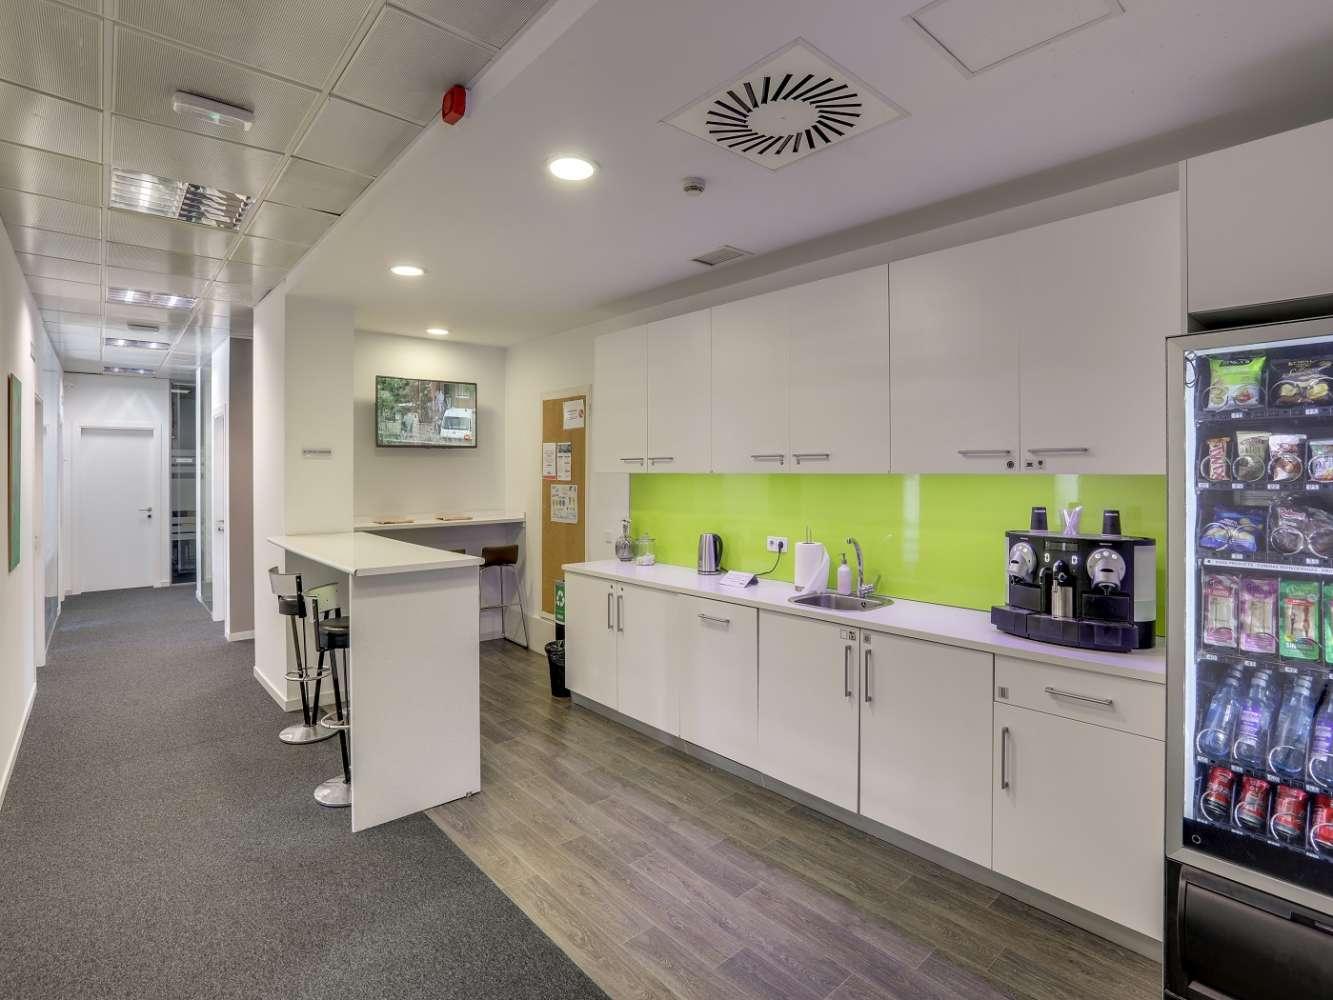 Oficina Las rozas de madrid, 28232 - Coworking - Las Rozas - 20151